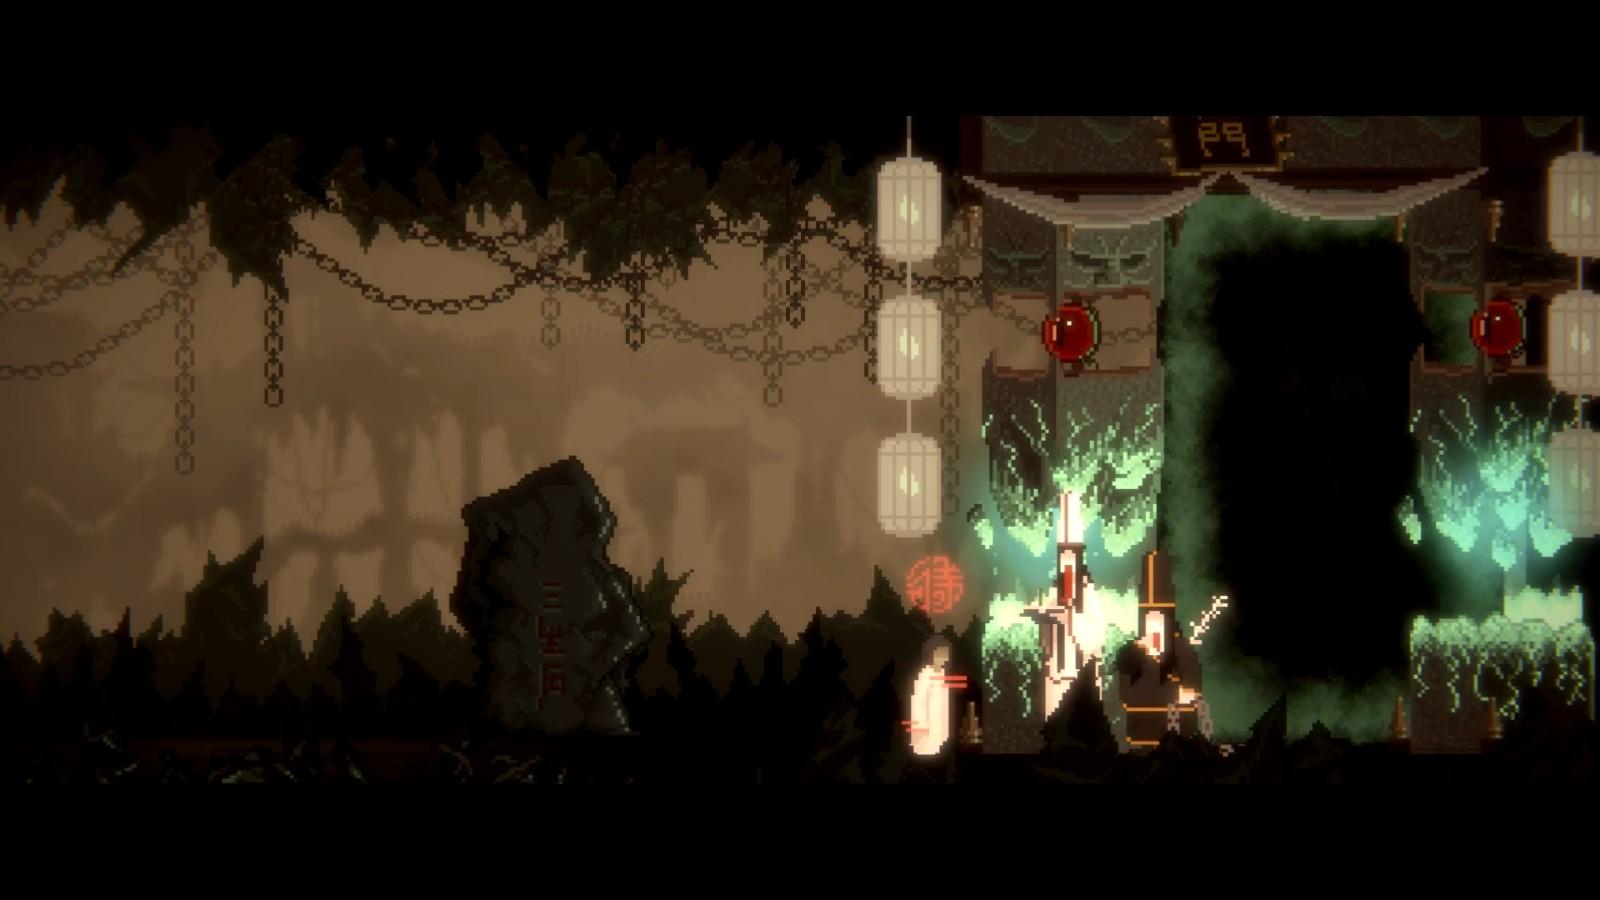 水墨风2D像素游戏《山海旅人》本体售价52元 将于9月10日正式发售